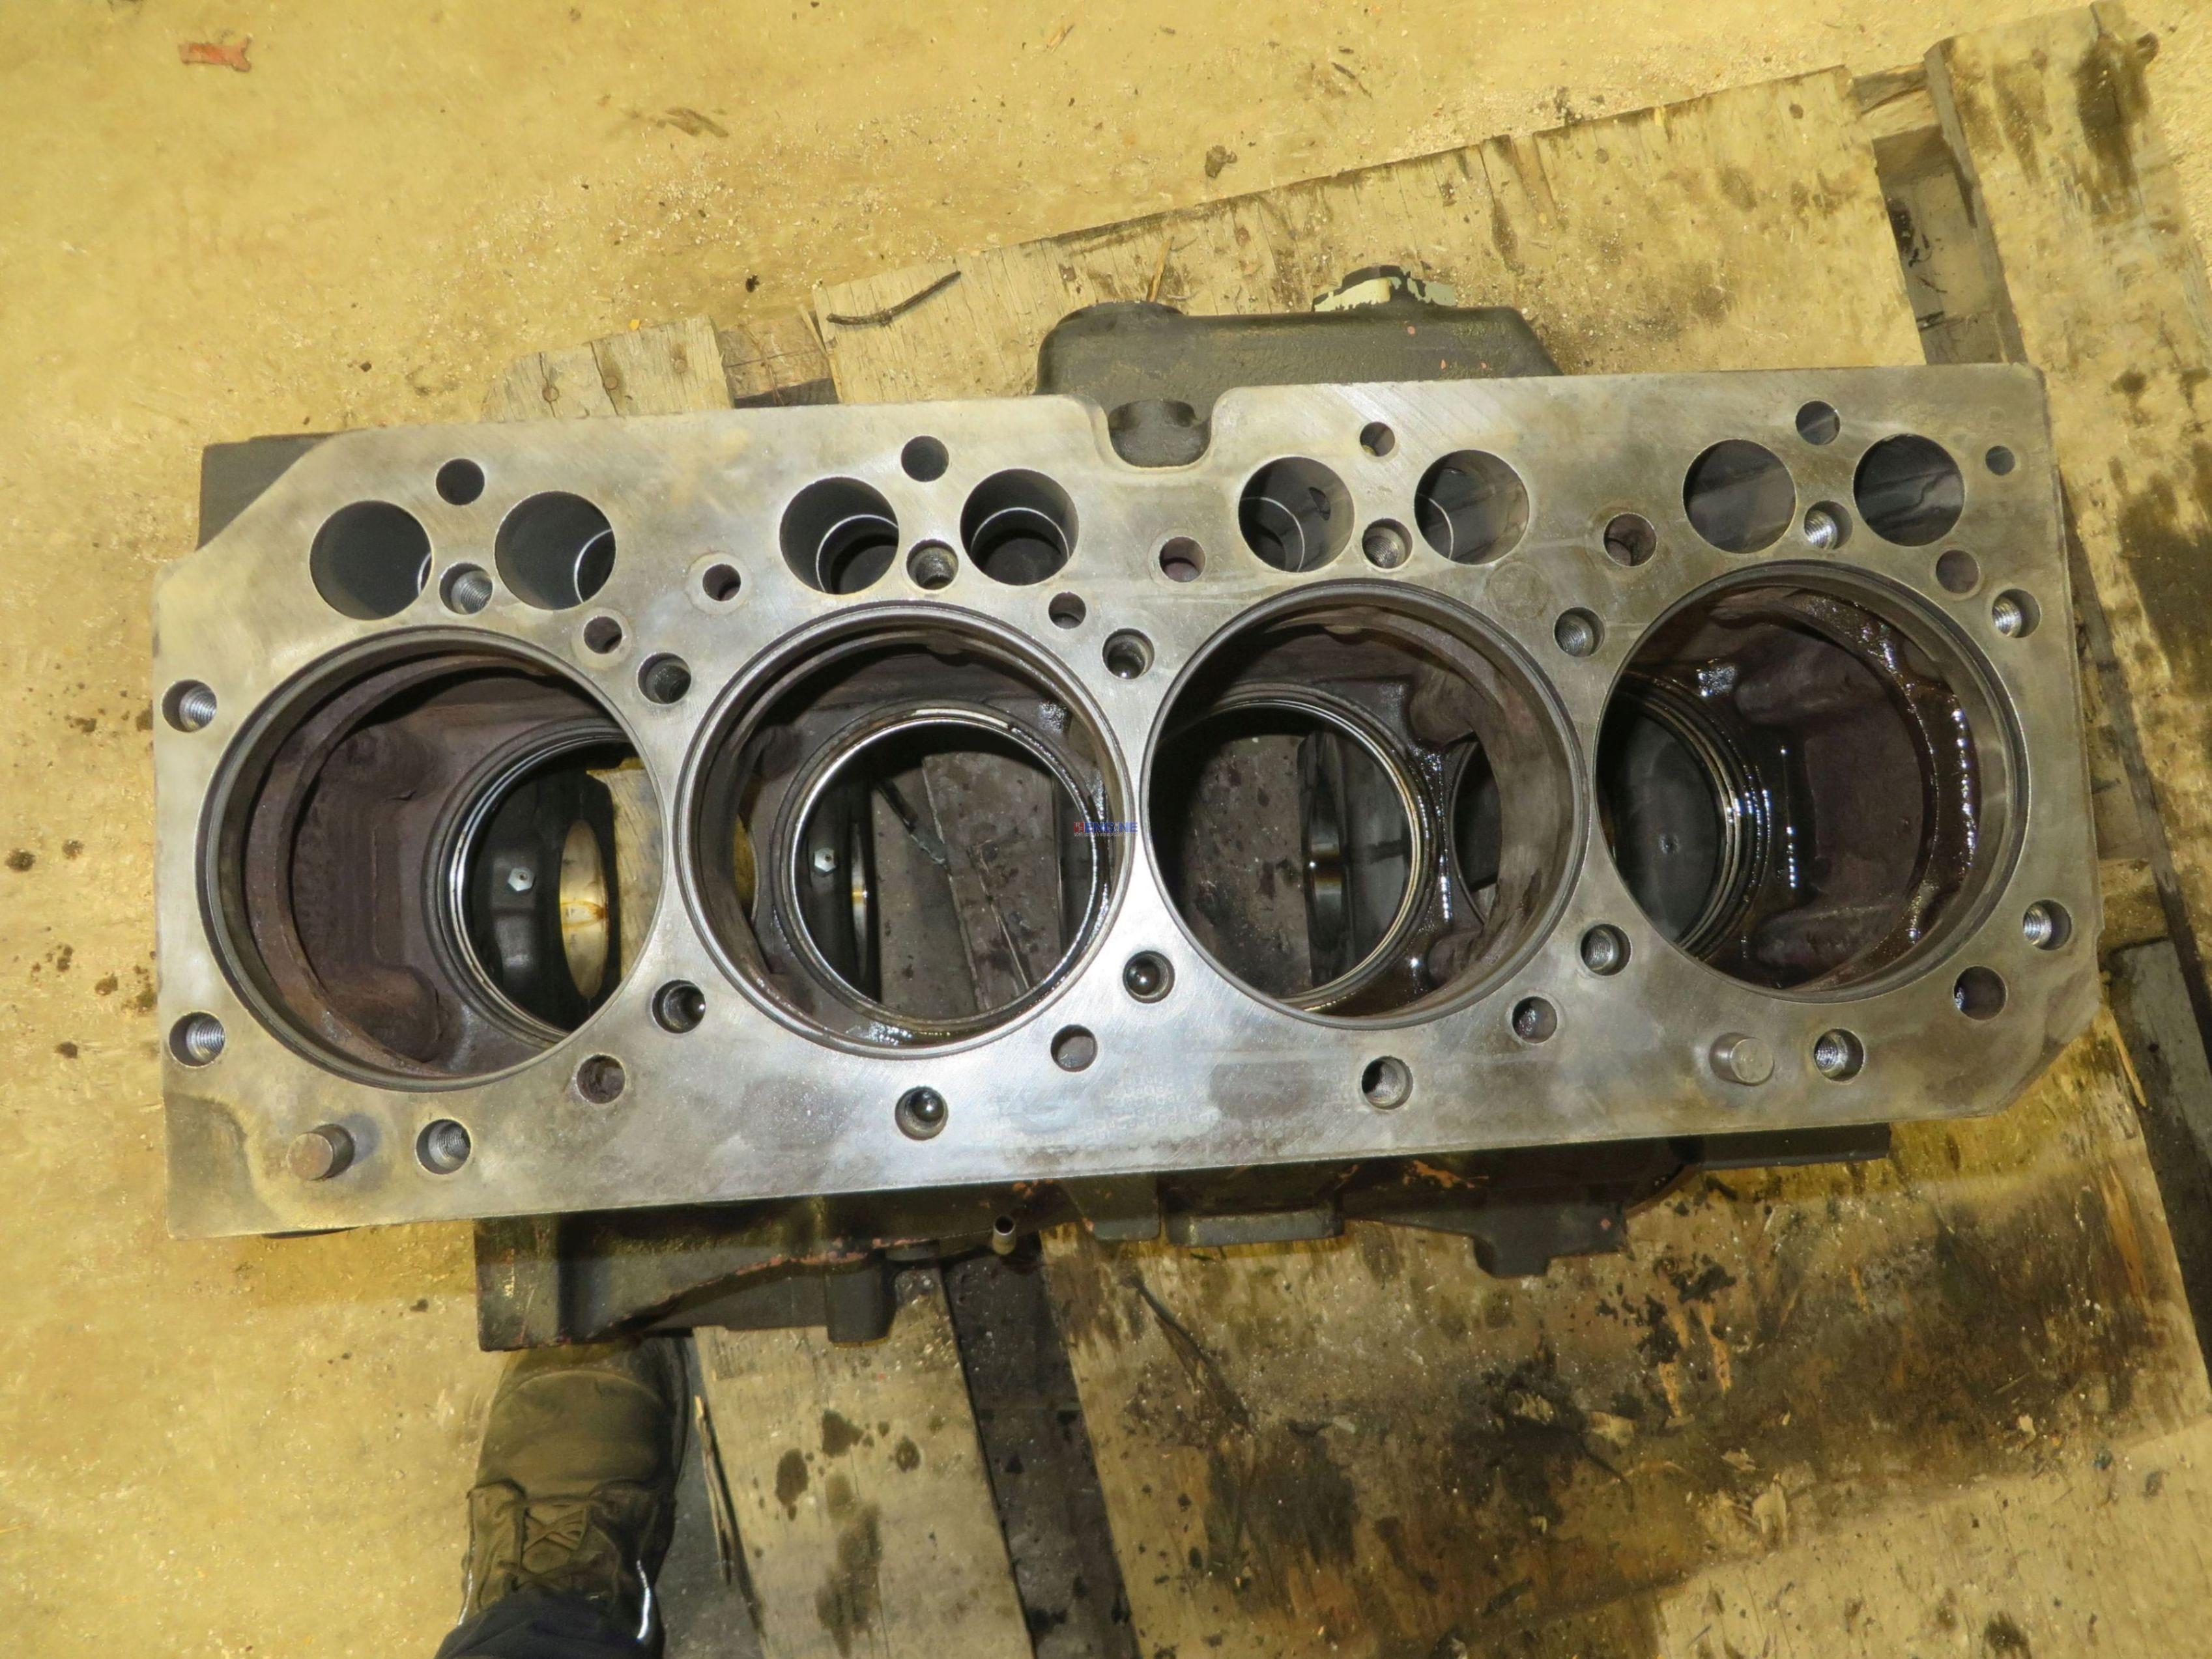 R Blk on John Deere 4045 Diesel Engine